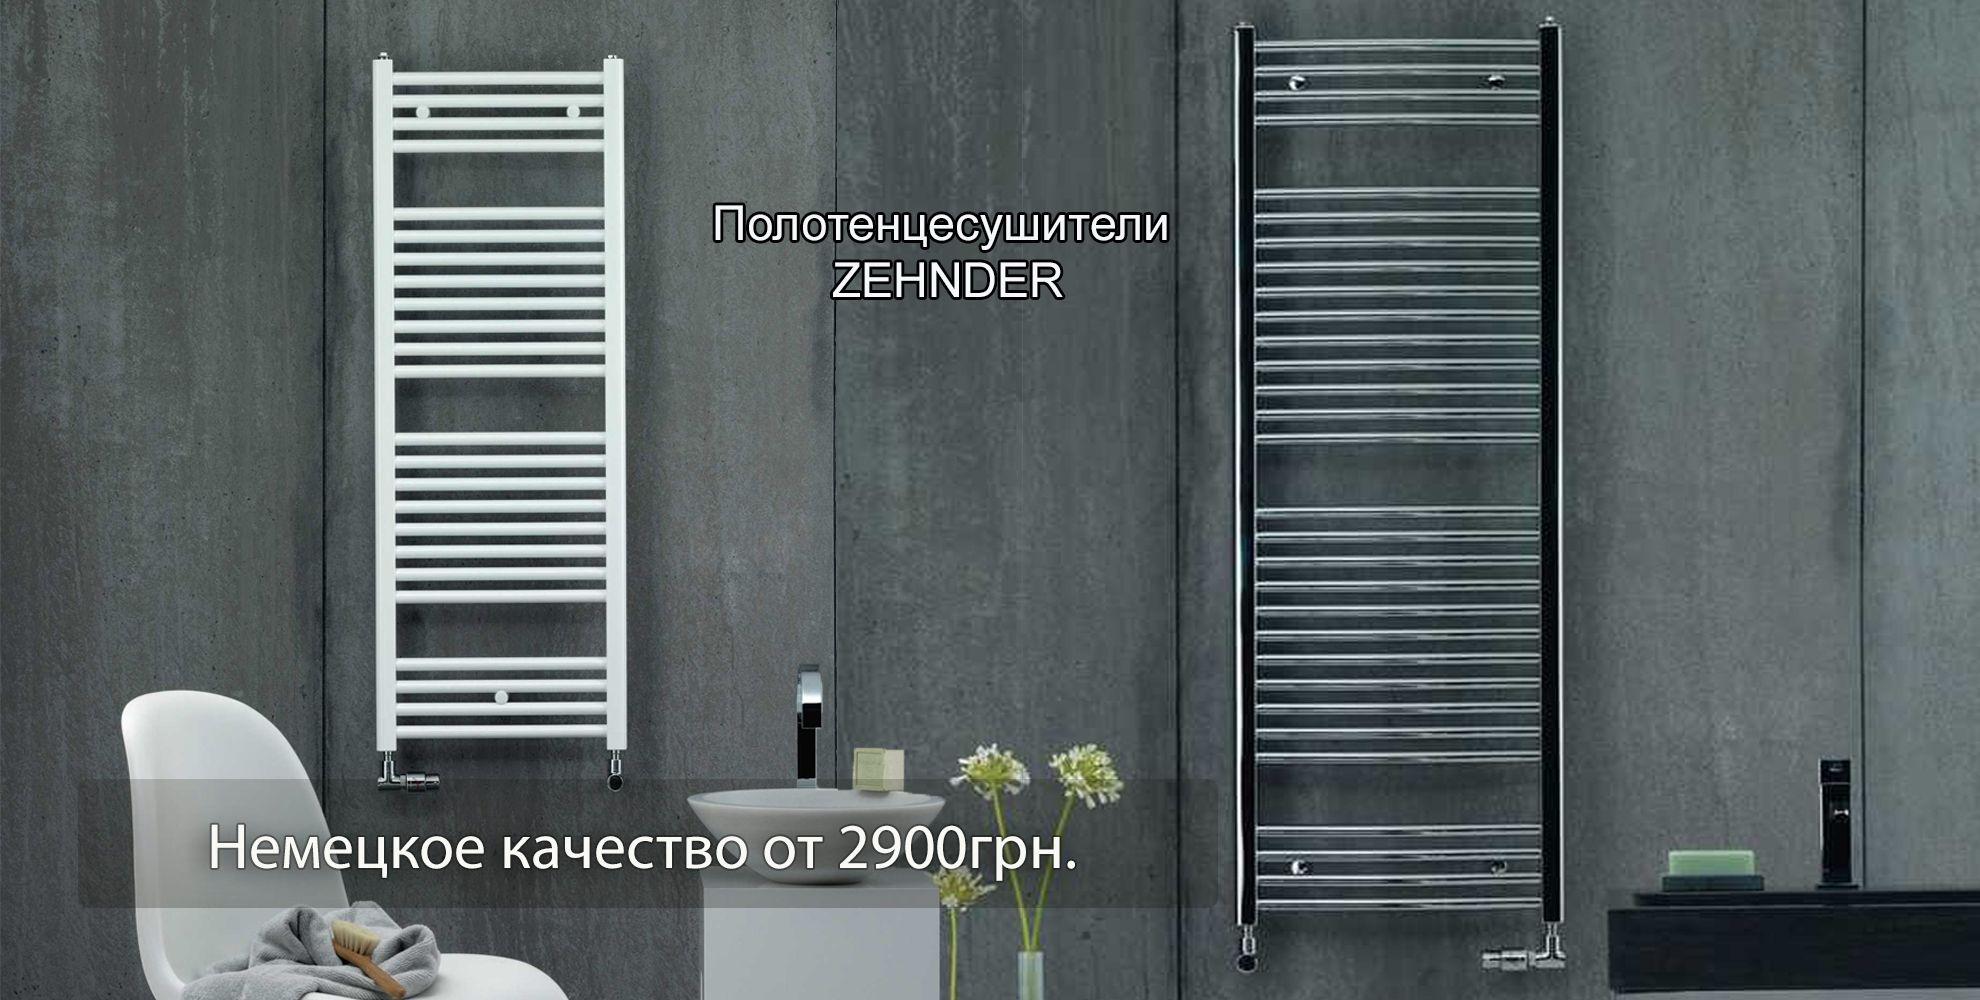 Полотенцесушители ZEHNDER